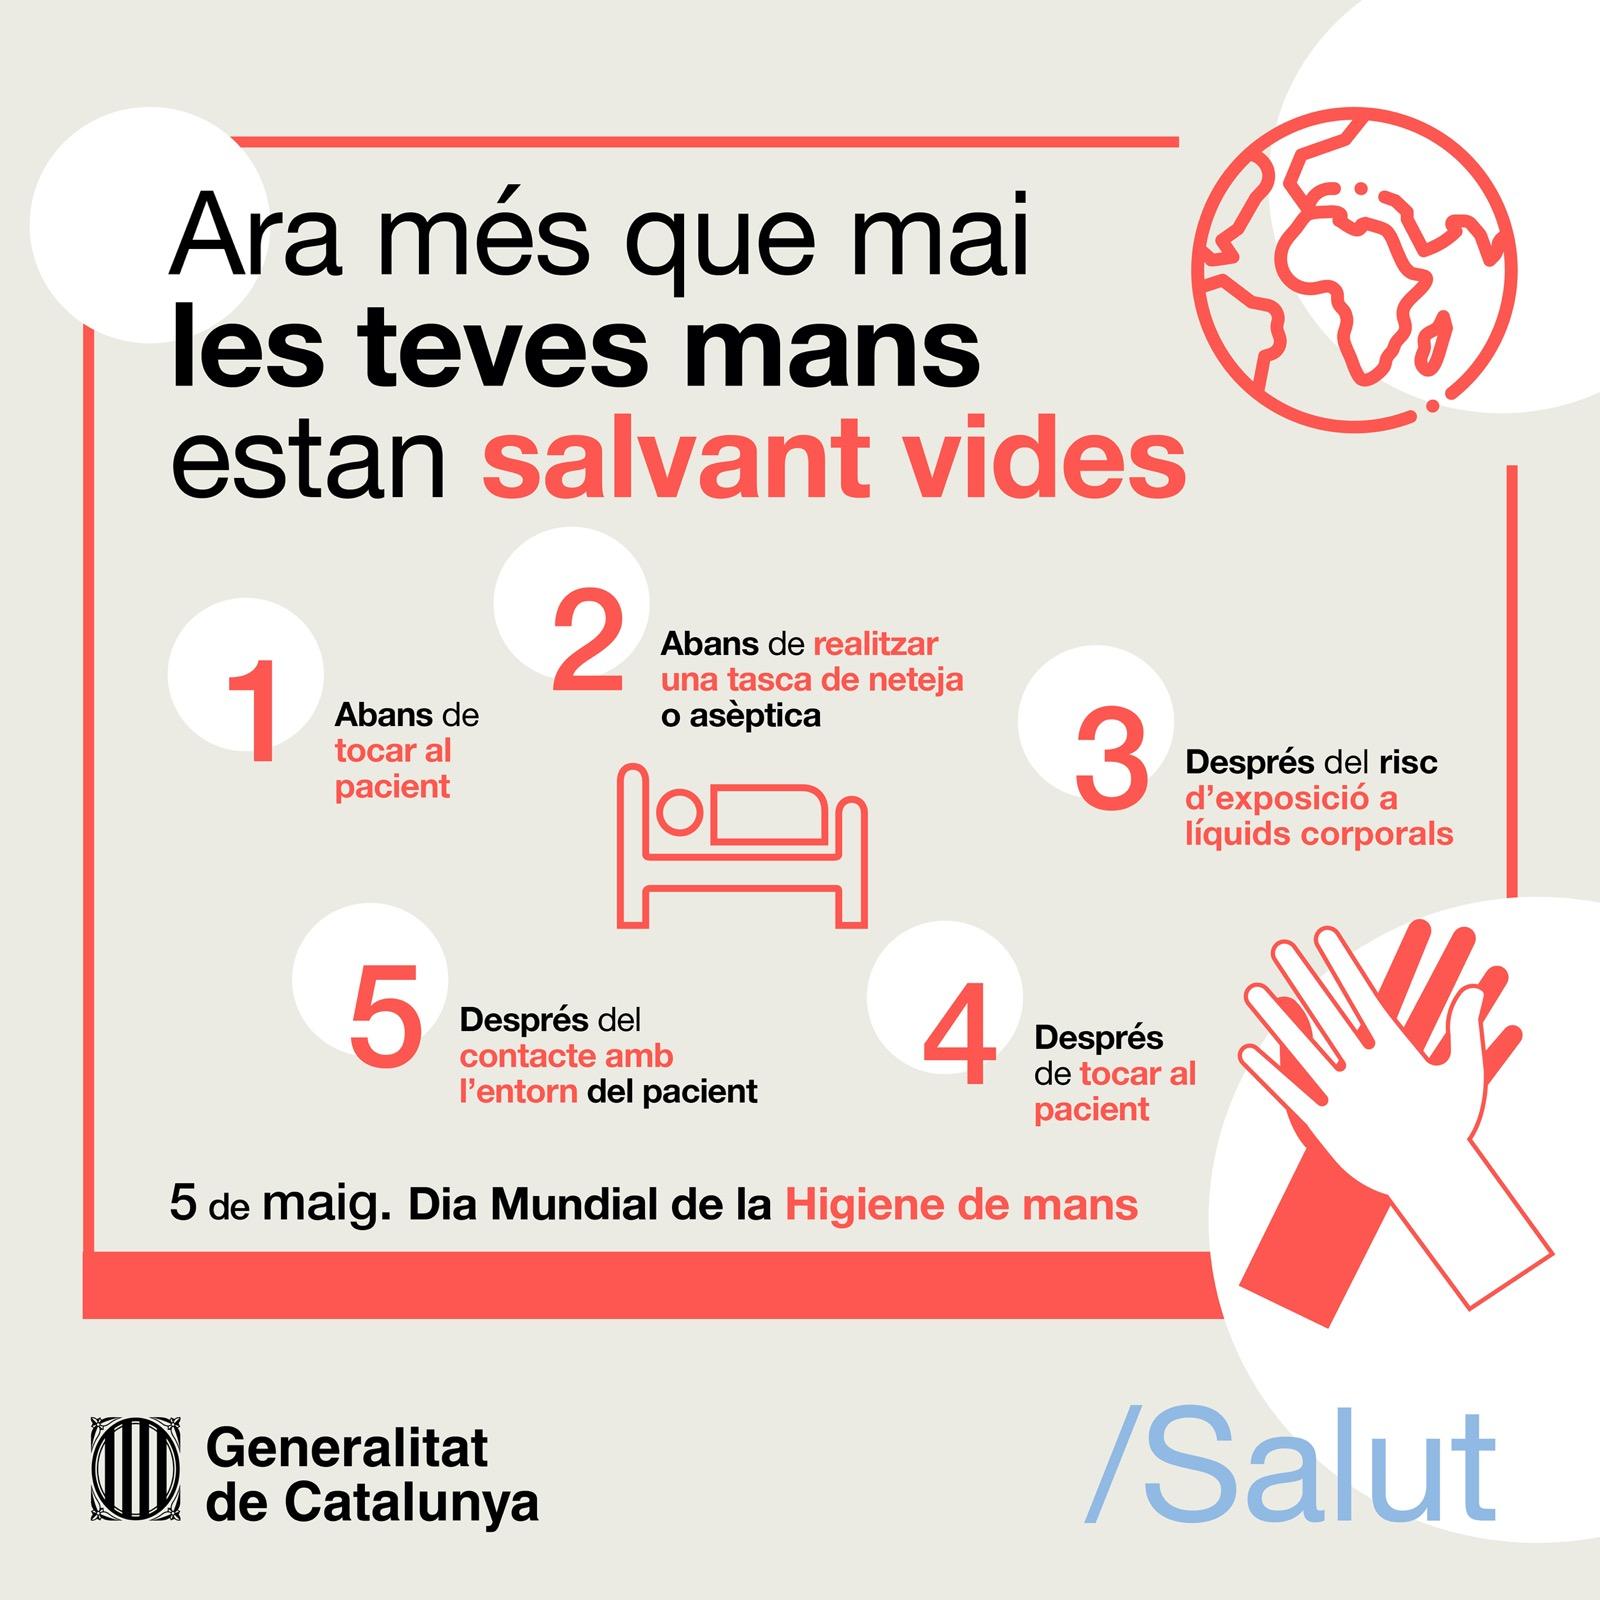 Avui 5 de maig és el Dia Mundial de la Higiene de Mans